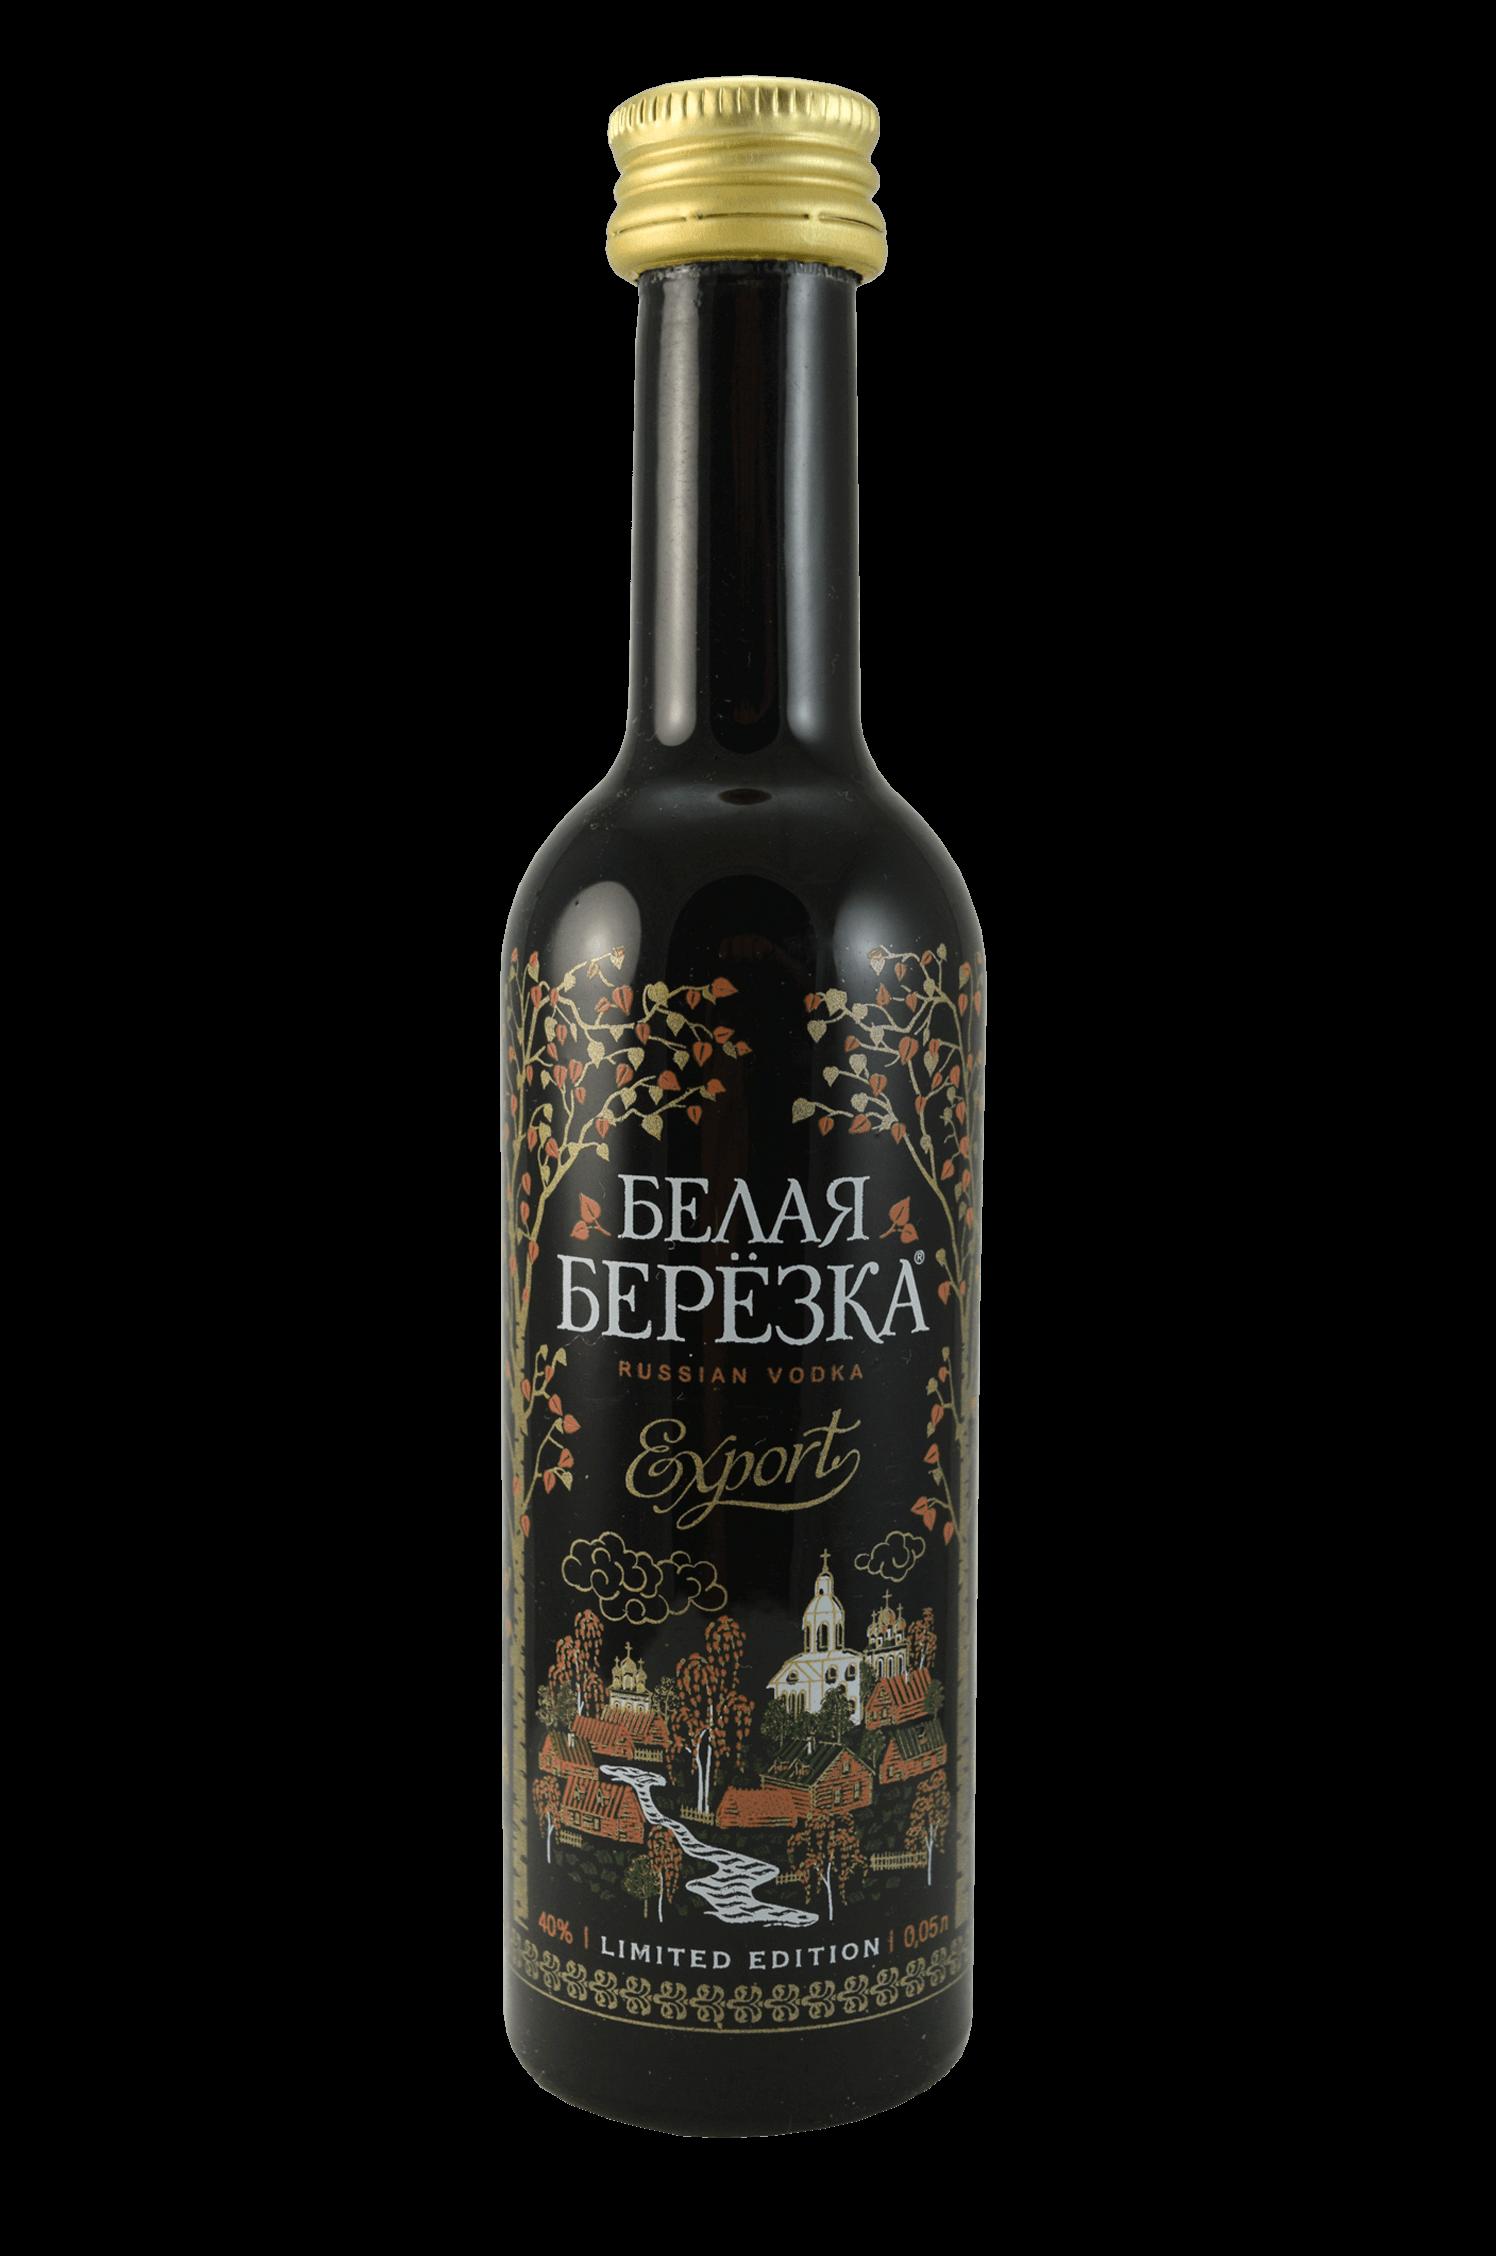 Belaya Berezka Russian Vodka